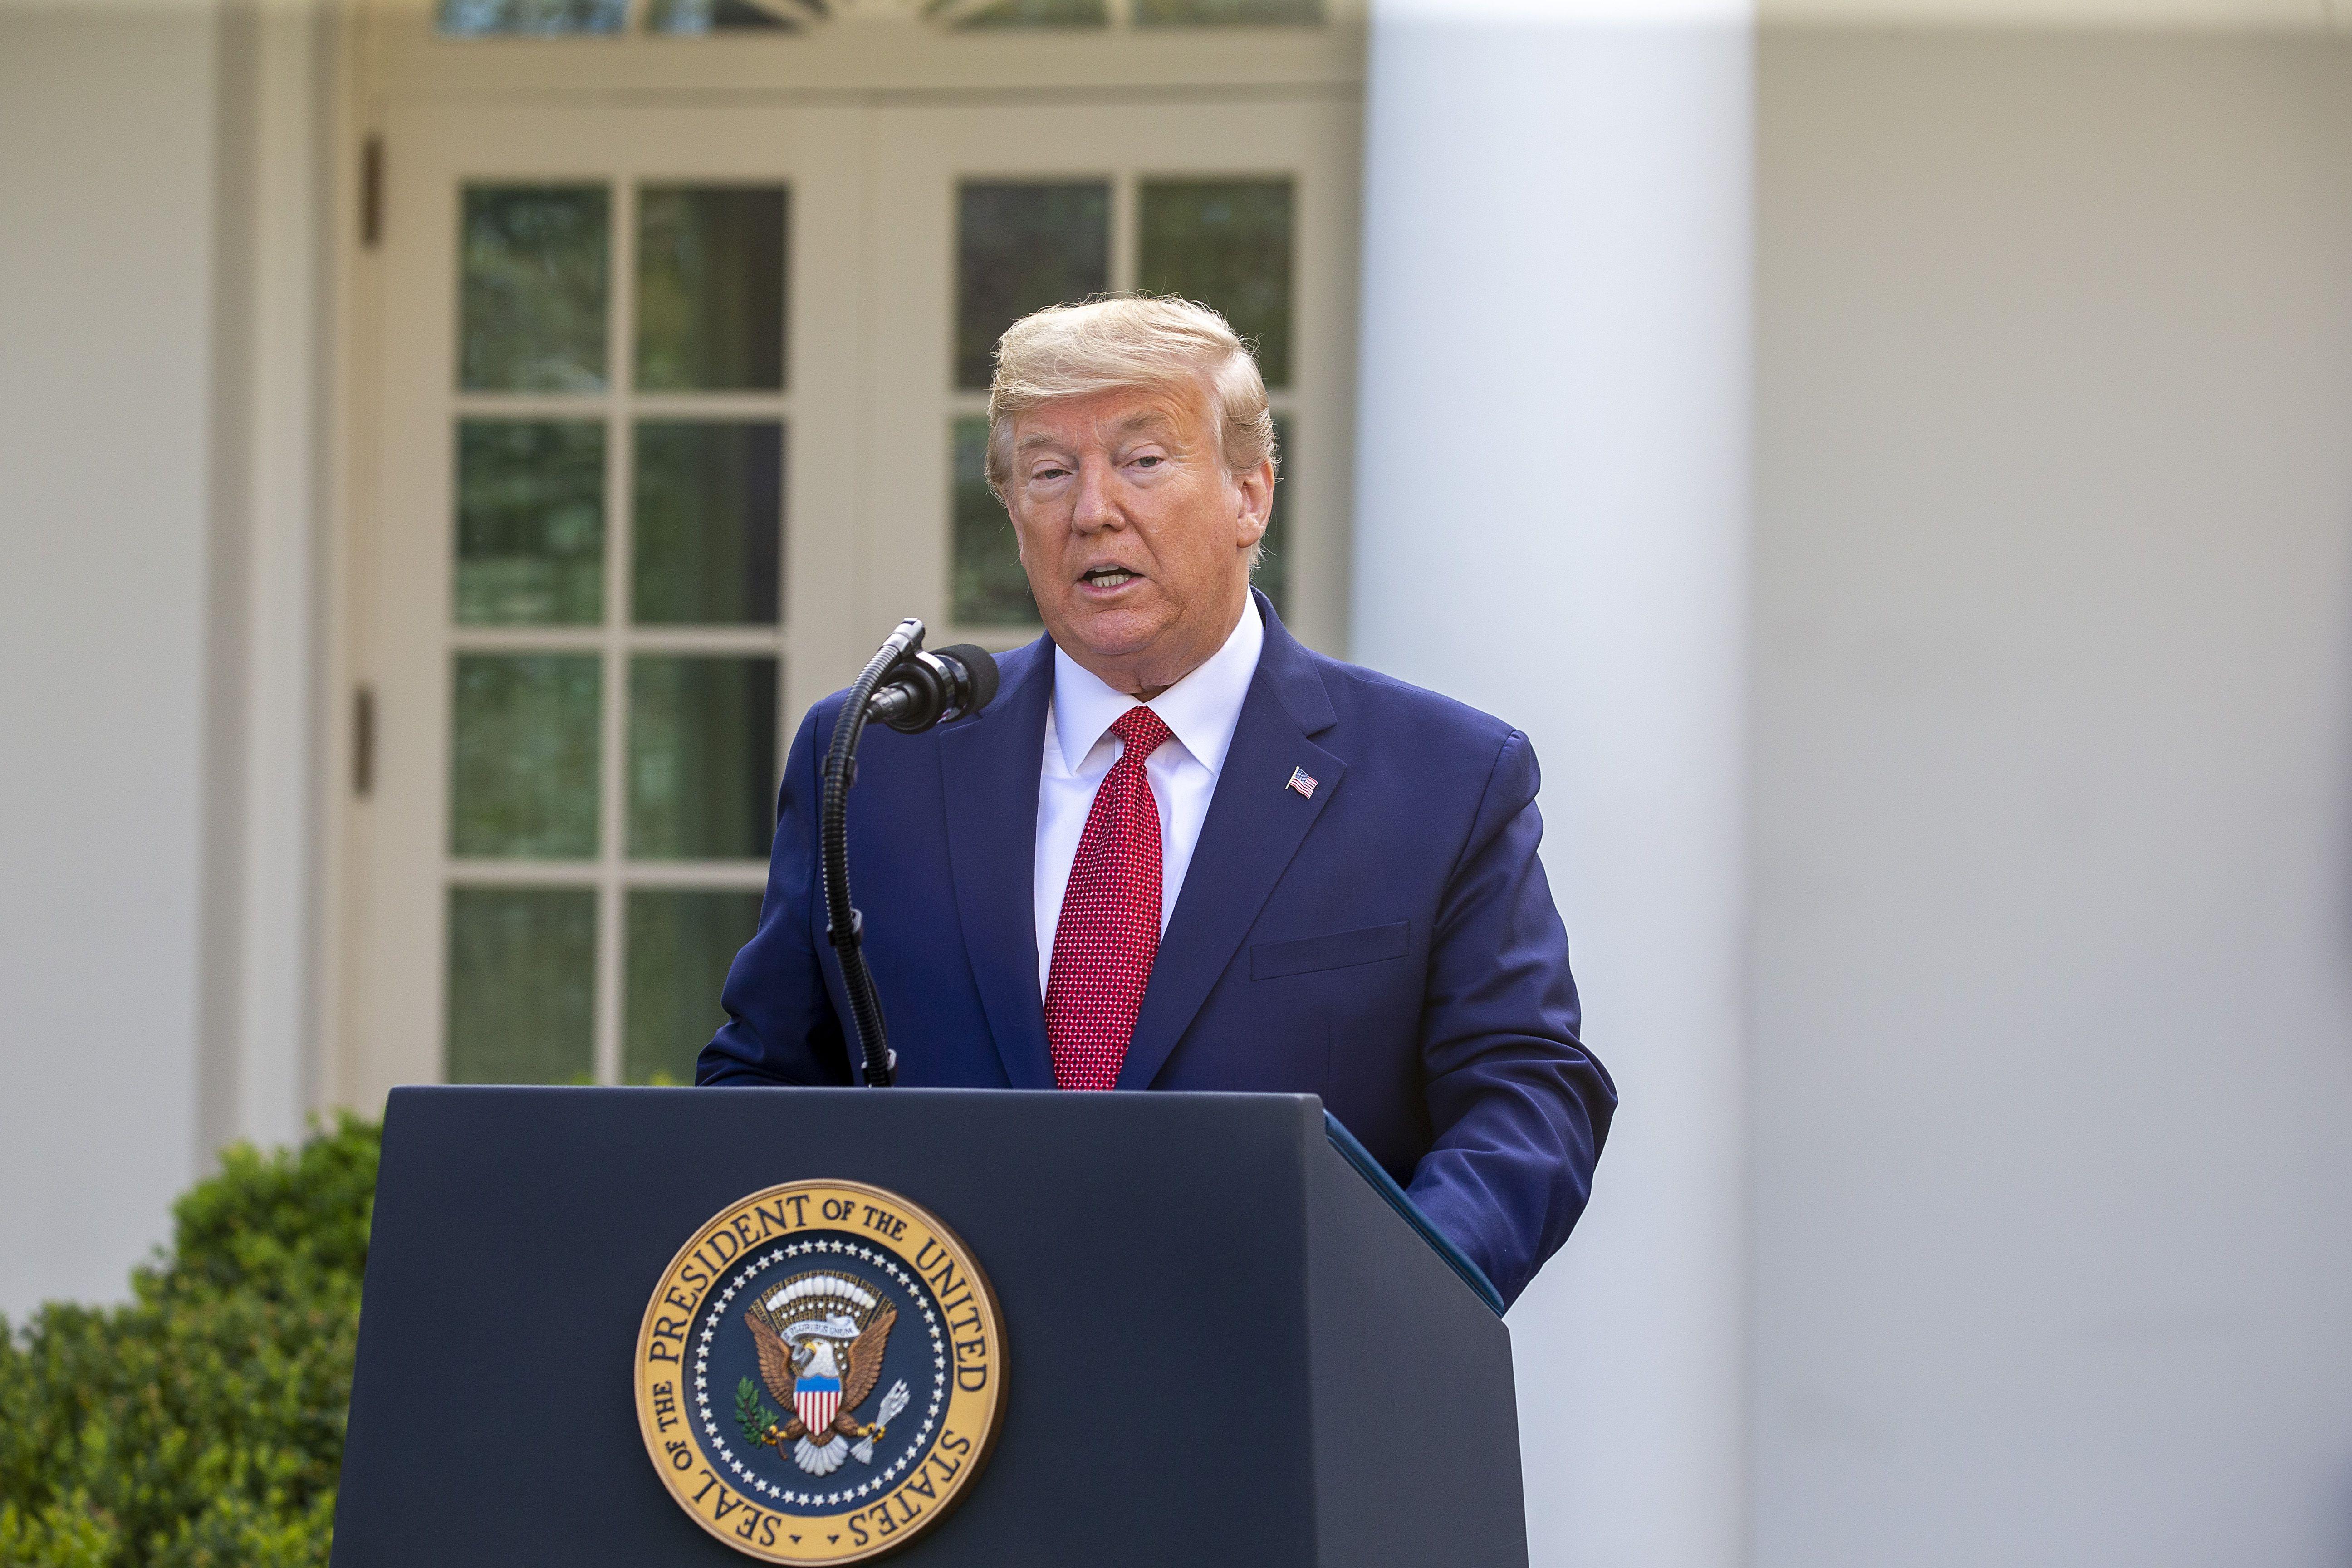 Trump says peak coronavirus deaths in 2 weeks, extends shutdown